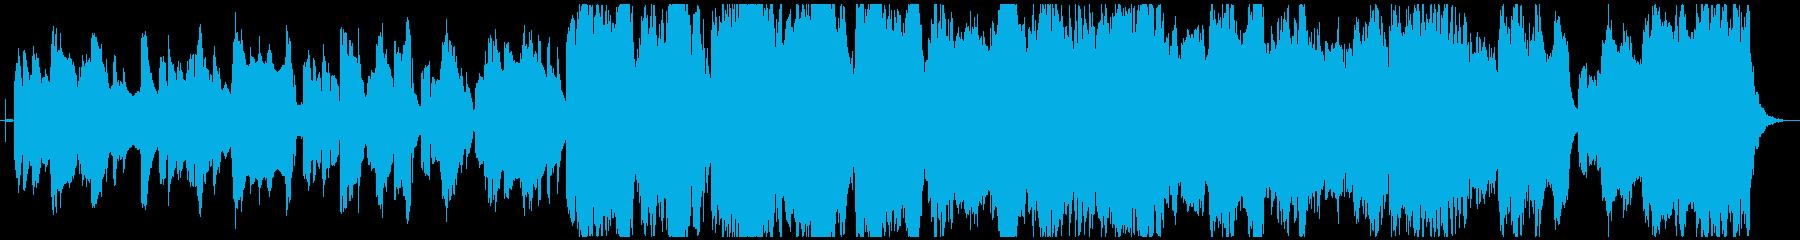 ほのぼのした雰囲気のクラリネットメイン曲の再生済みの波形